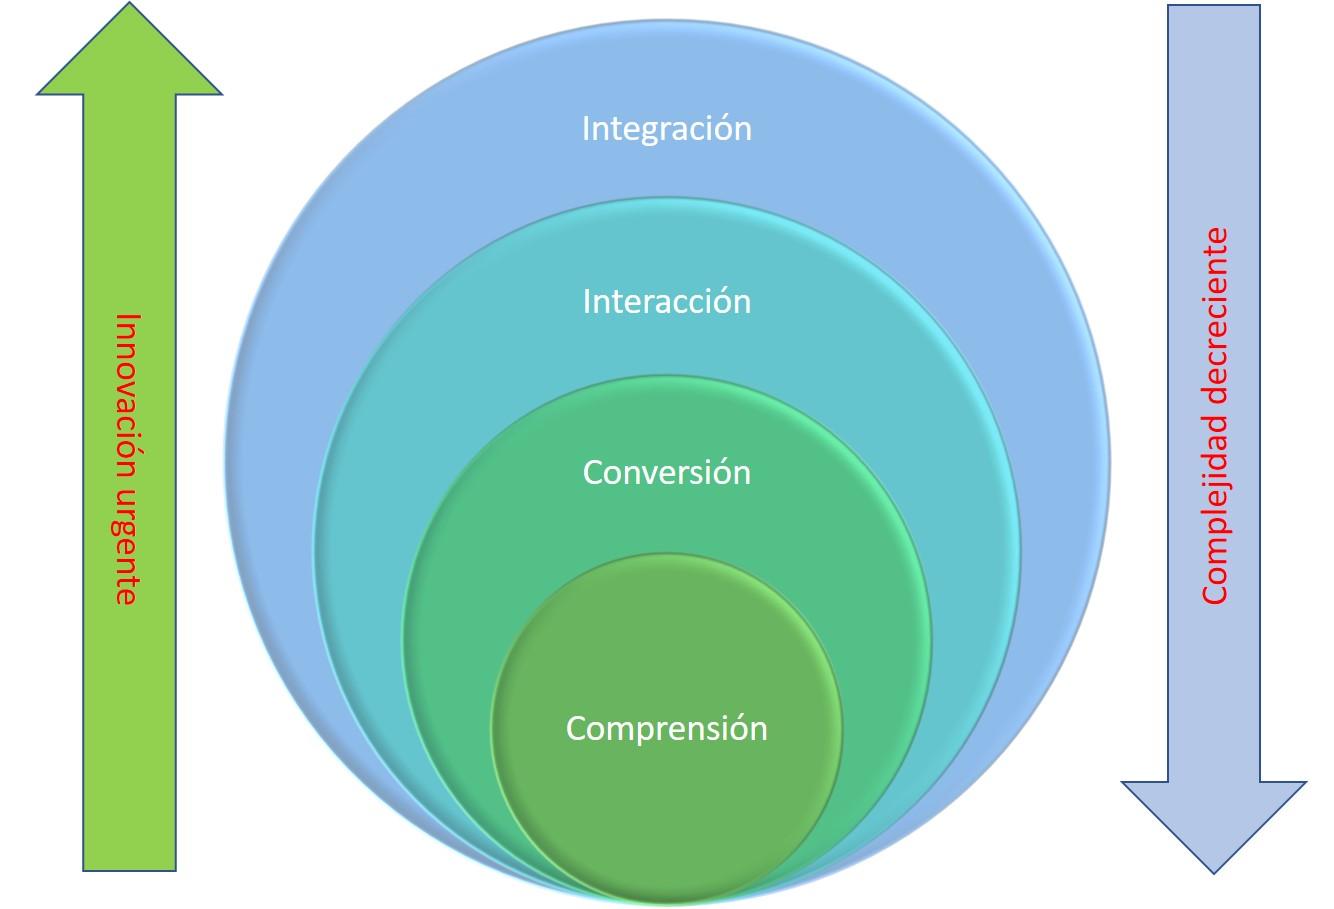 Esferas del camino hacia las transformación digital